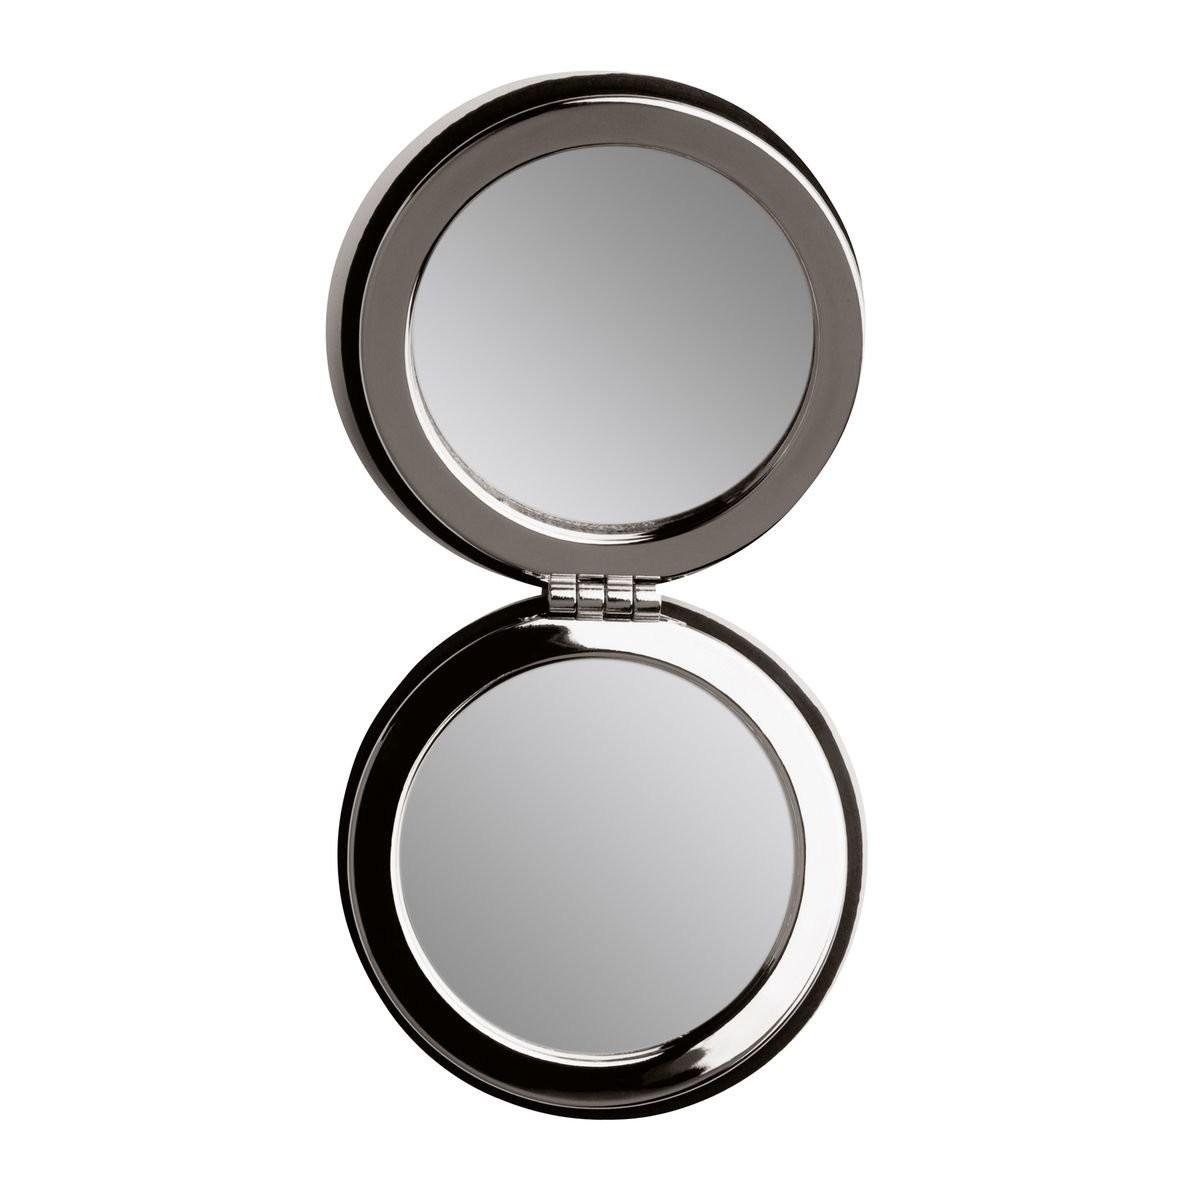 Taschenspiegel REFLECTS-MELUN BLACK, Ansicht 5